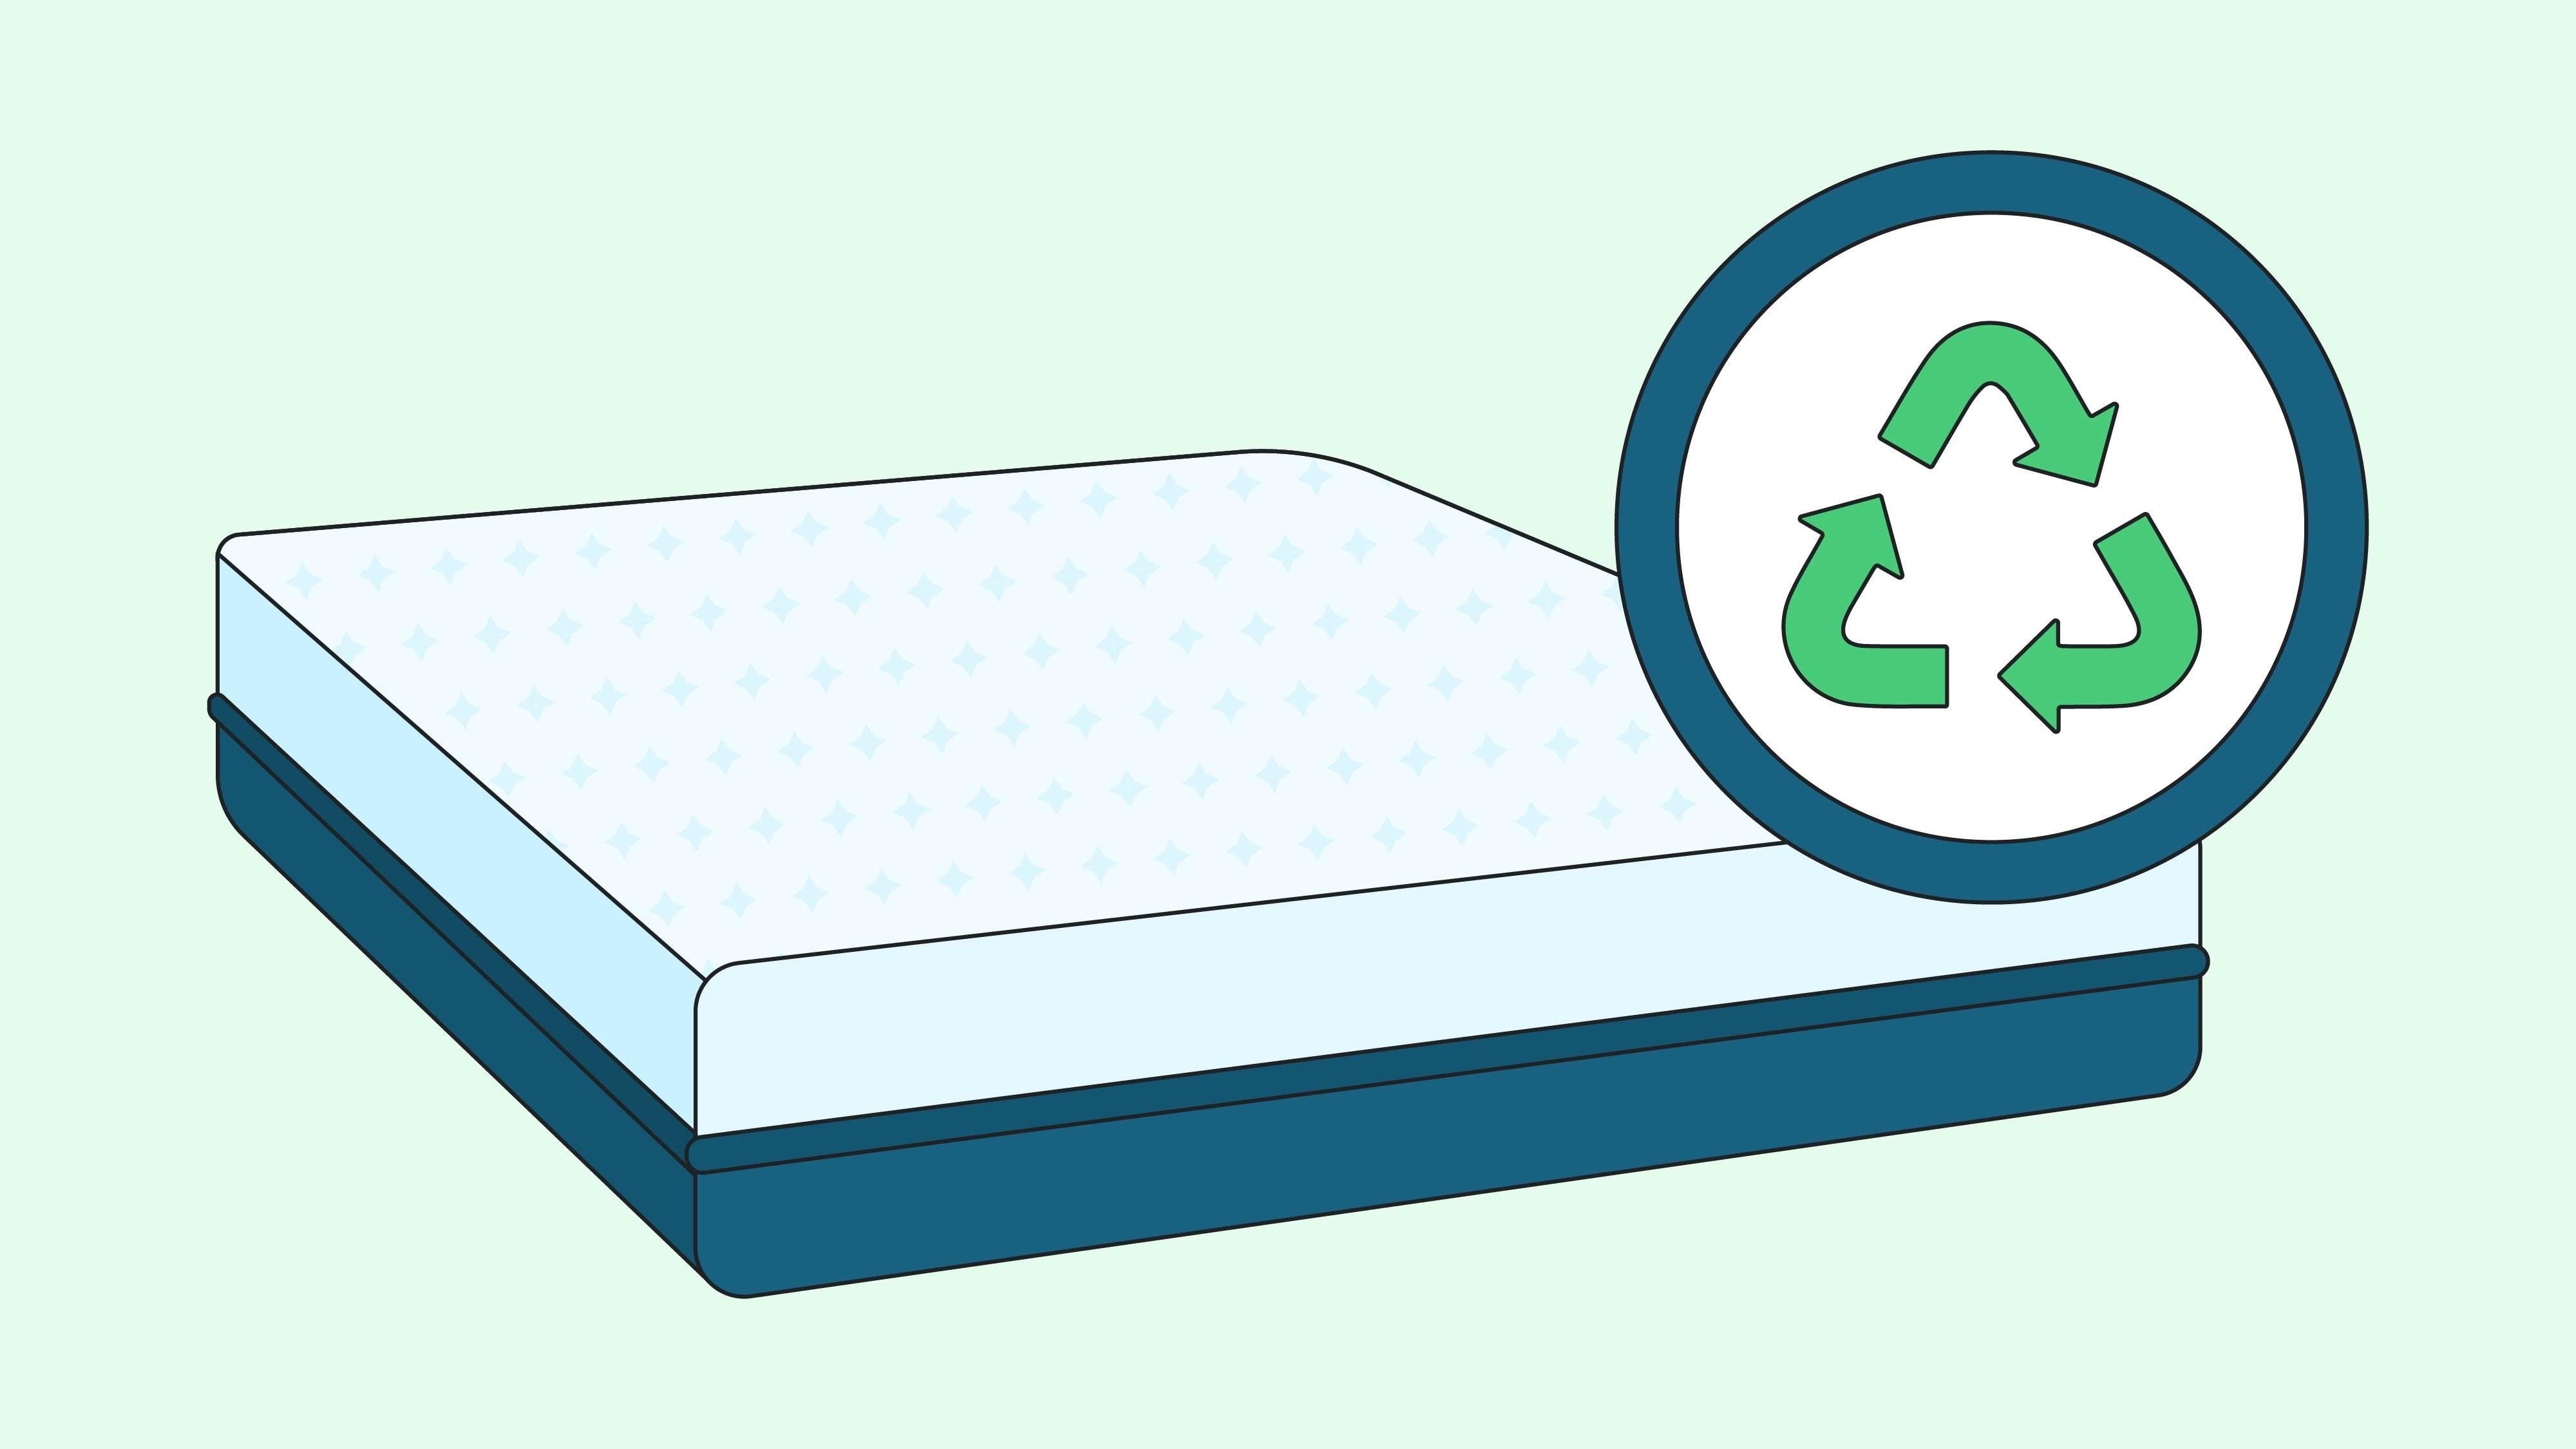 recycling a mattress